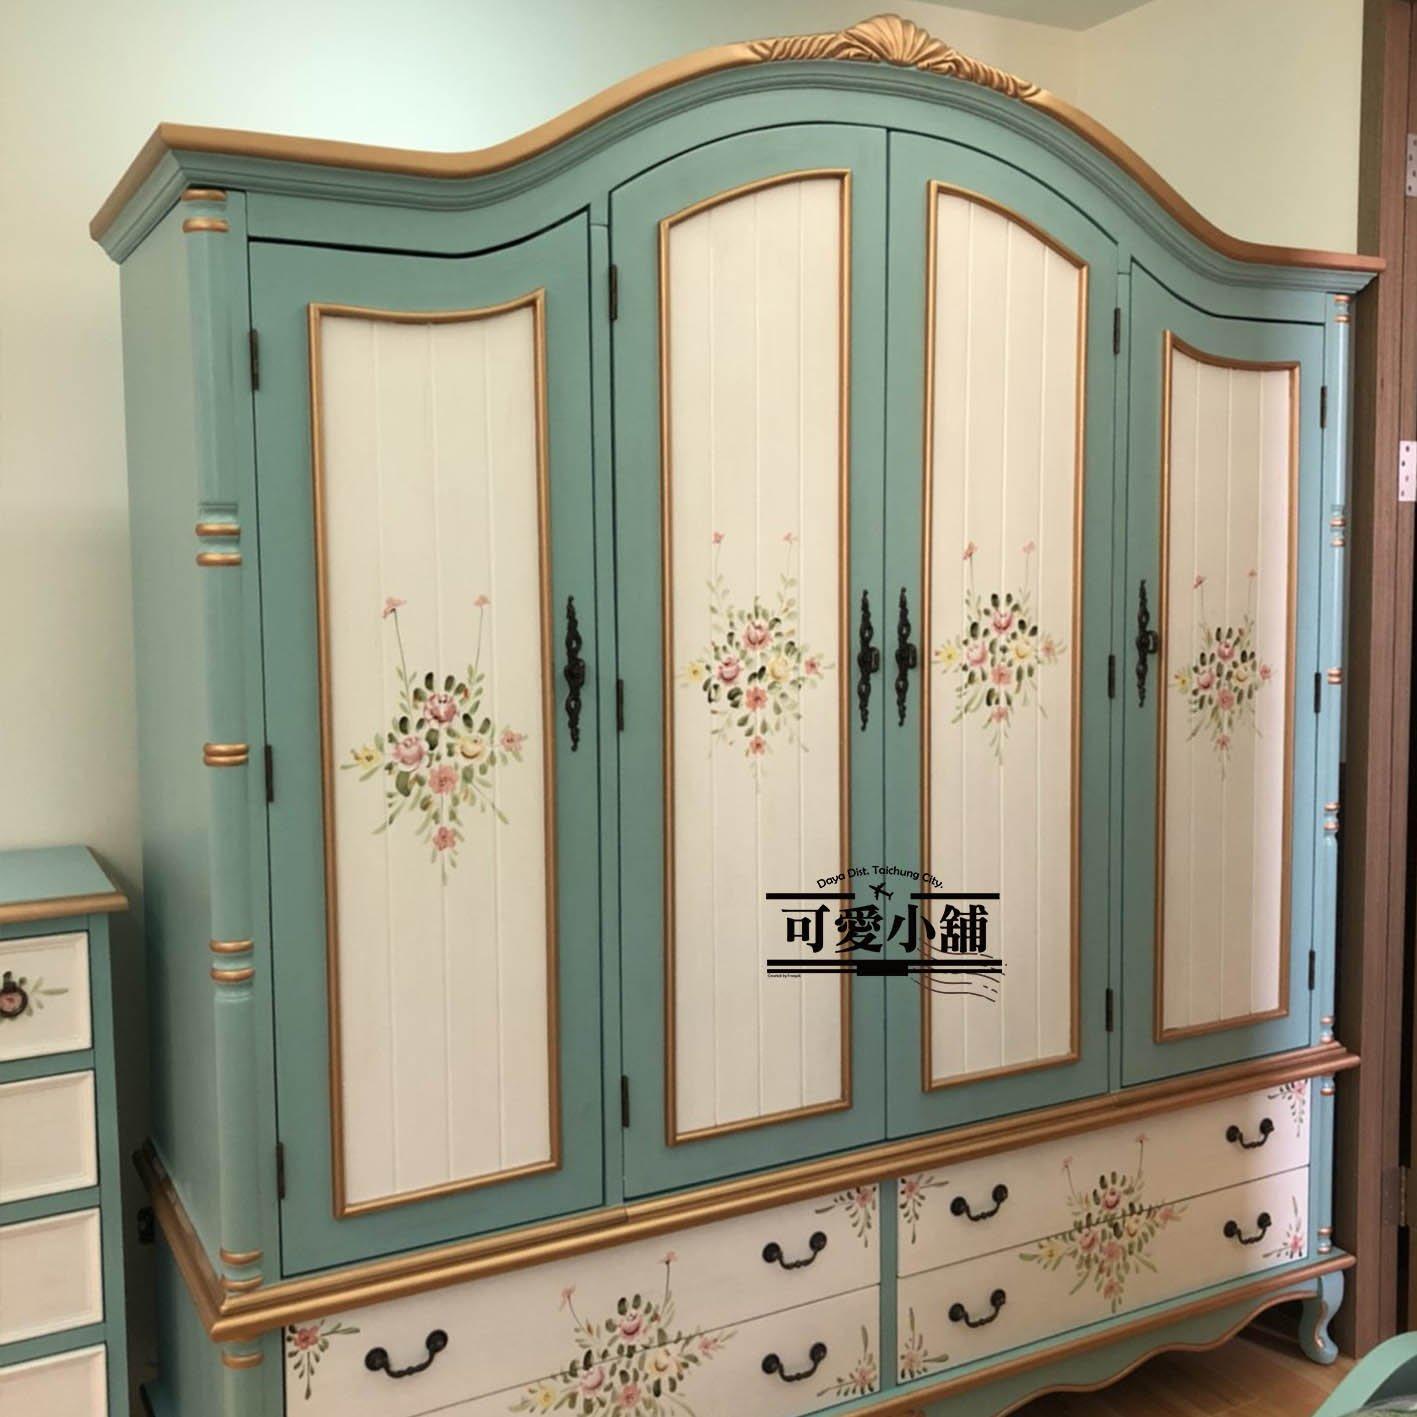 (台中 可愛小舖)維多利亞歐風刷舊仿舊四抽(四拉)四門有層板大衣櫃衣櫥造型櫃置物櫃收納櫃雙人衣櫃彩繪花卉藍綠色雙色櫃